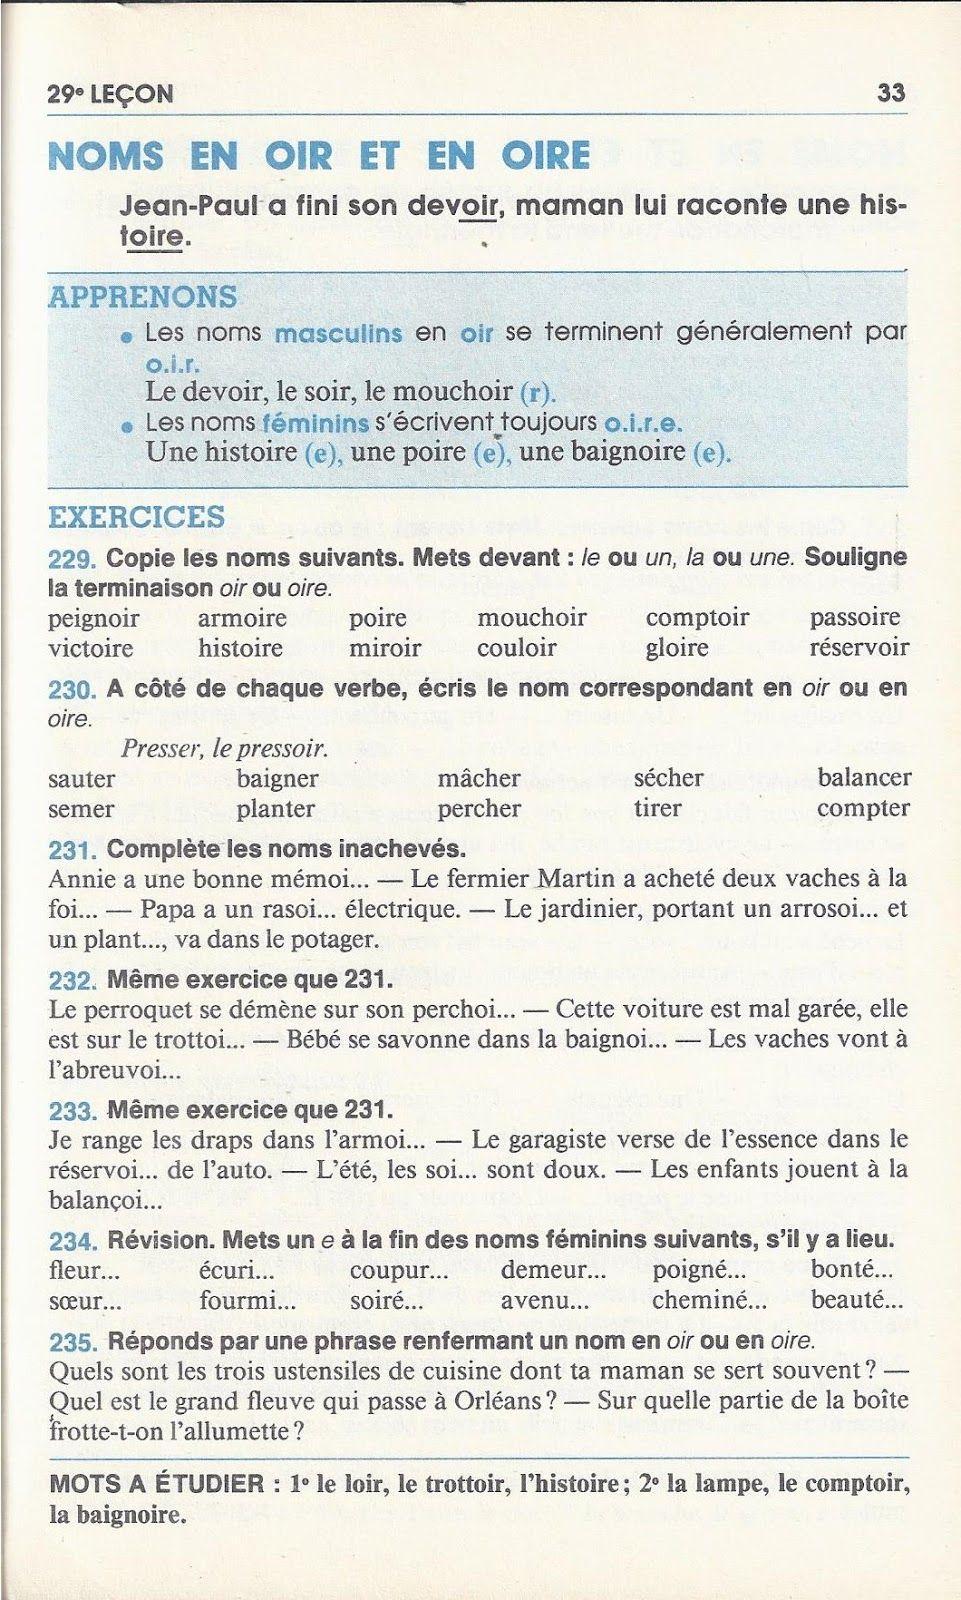 Bled Premieres Lecons D Orthographe Ce 1985 Grandes Images Avec Images Orthographe Apprendre Le Francais Apprendre L Anglais